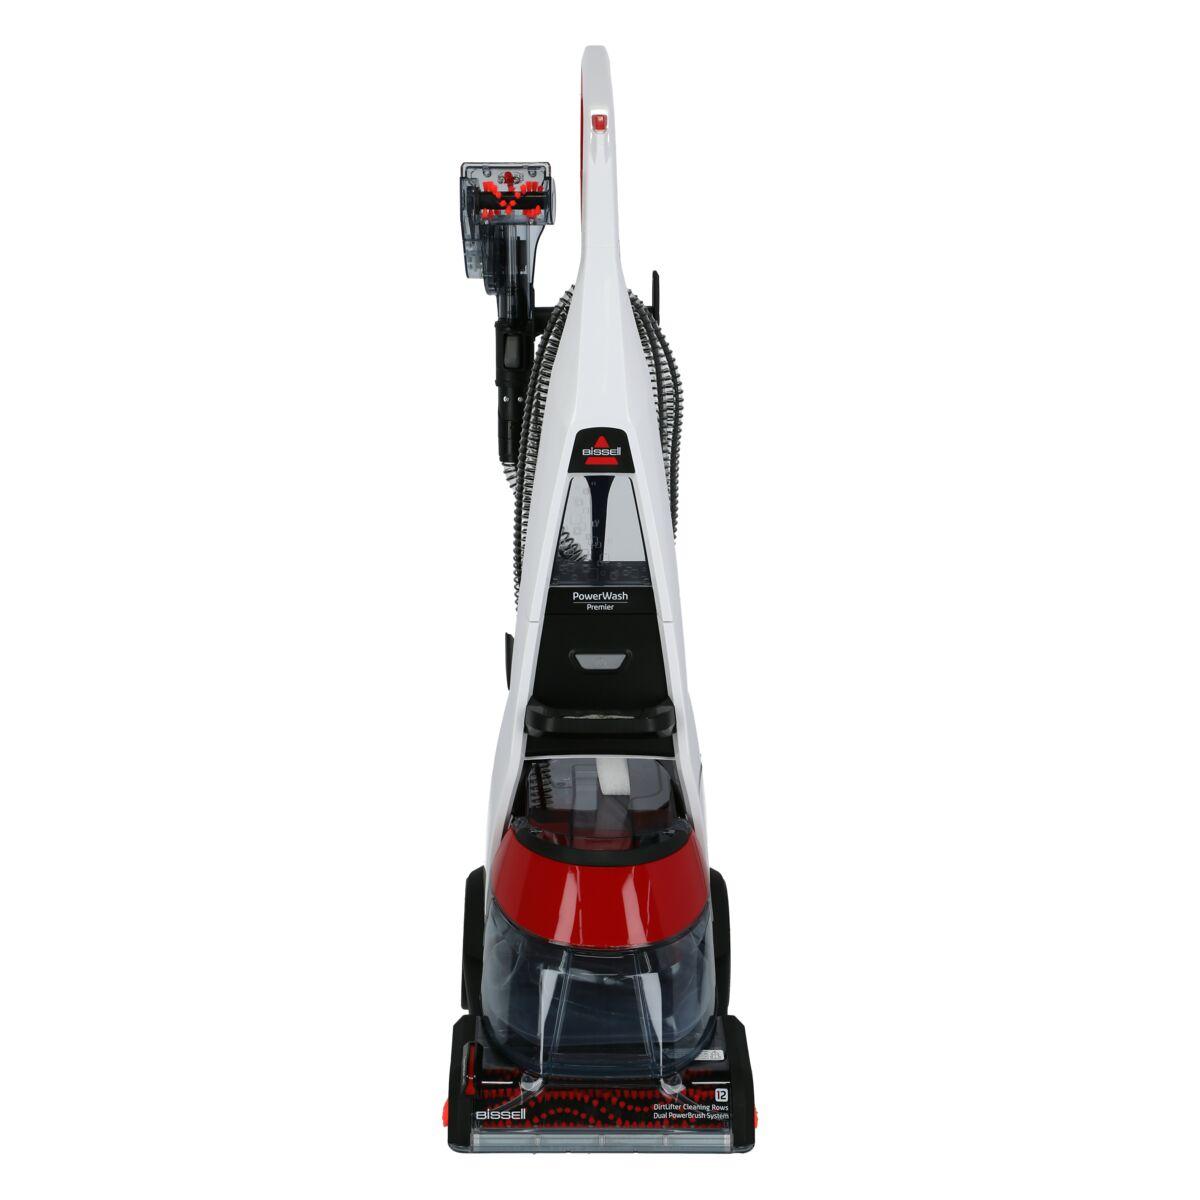 مكنسة بيسيل كهربائية للتنظيف السجاد Bissell العلامات التجارية Saco Store